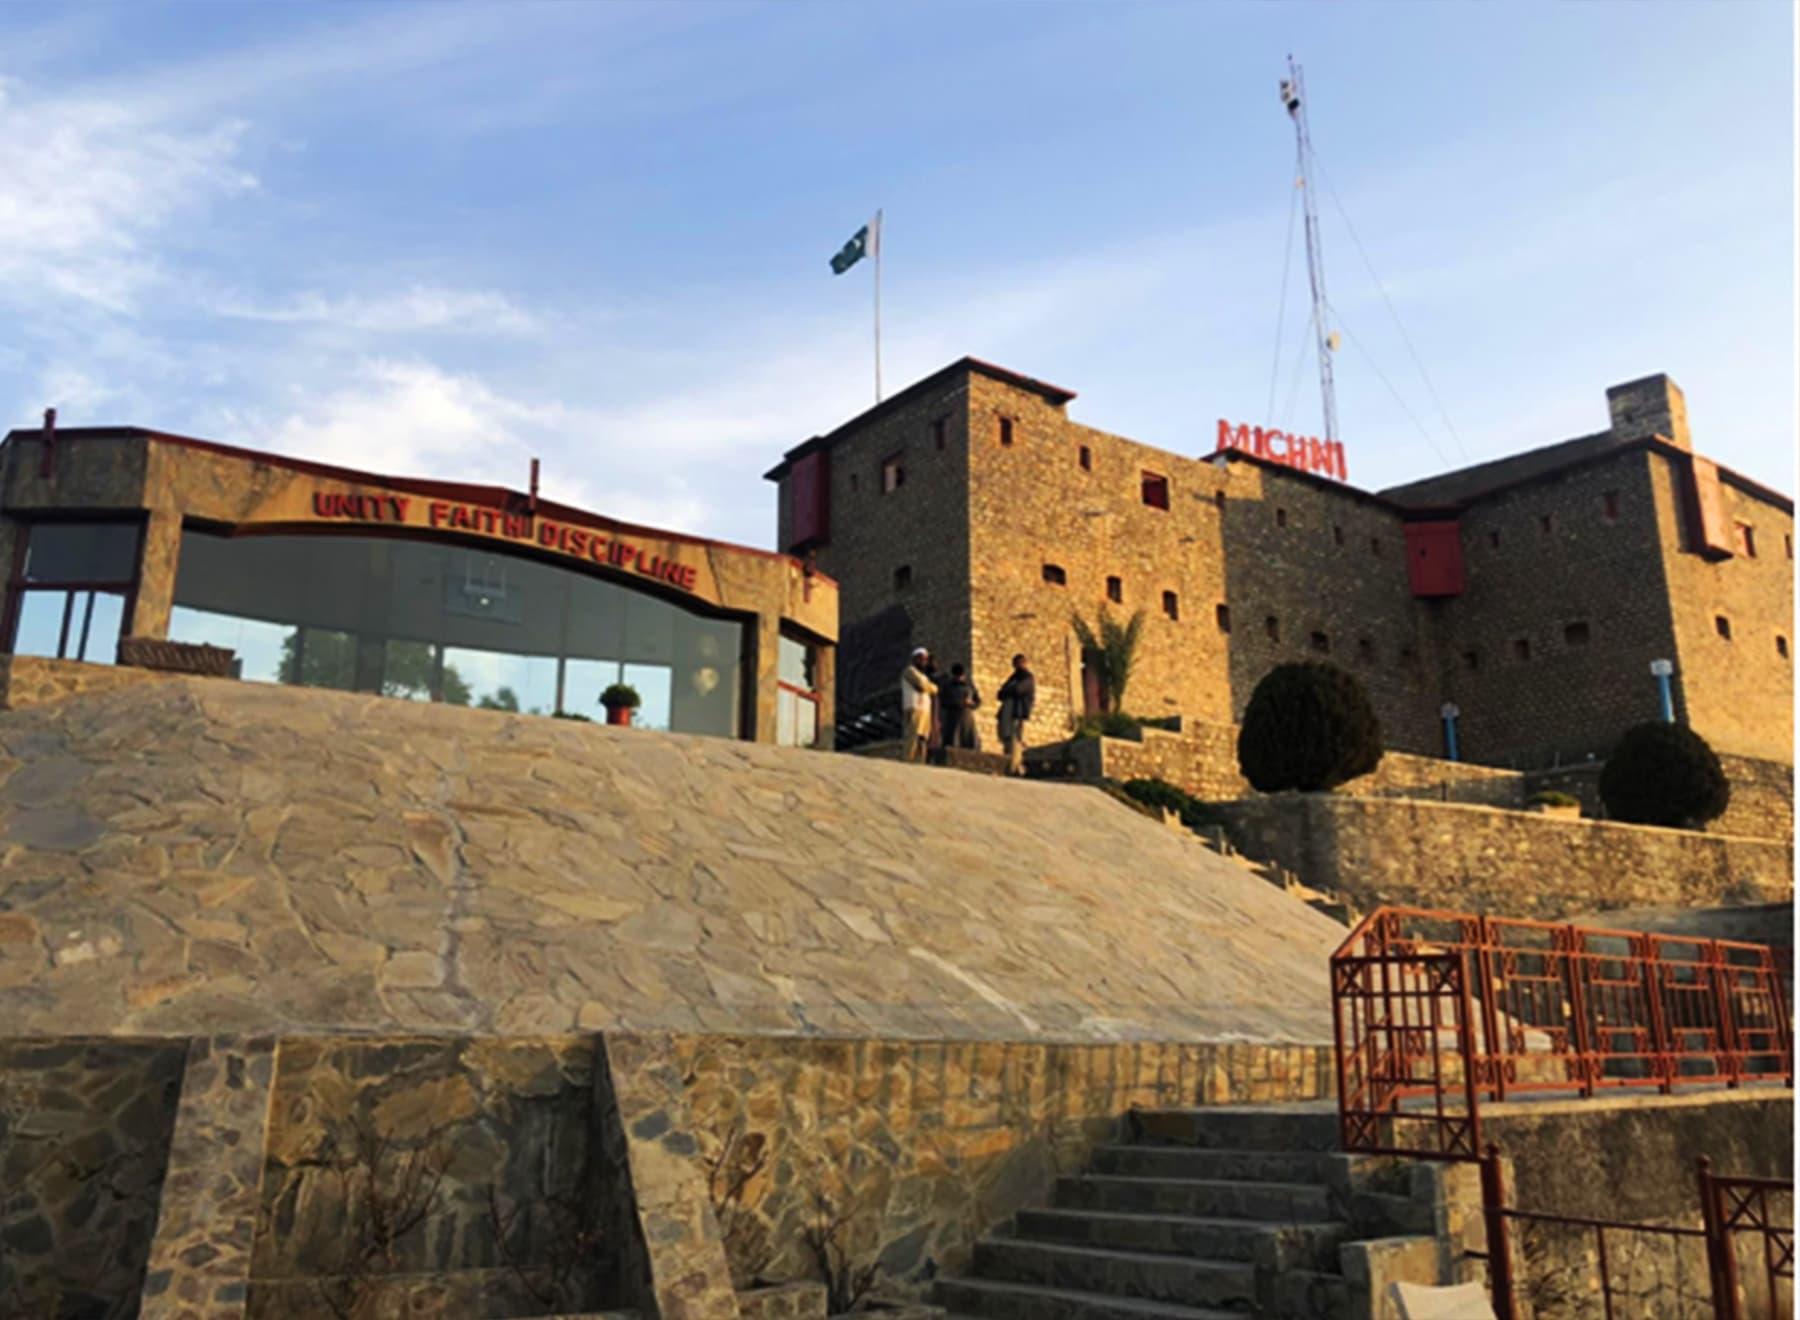 میچنی فورٹ پر سیاحوں کے لیے خصوصی انتظامات کیے گئے ہیں—فوٹو: عظمت اکبر